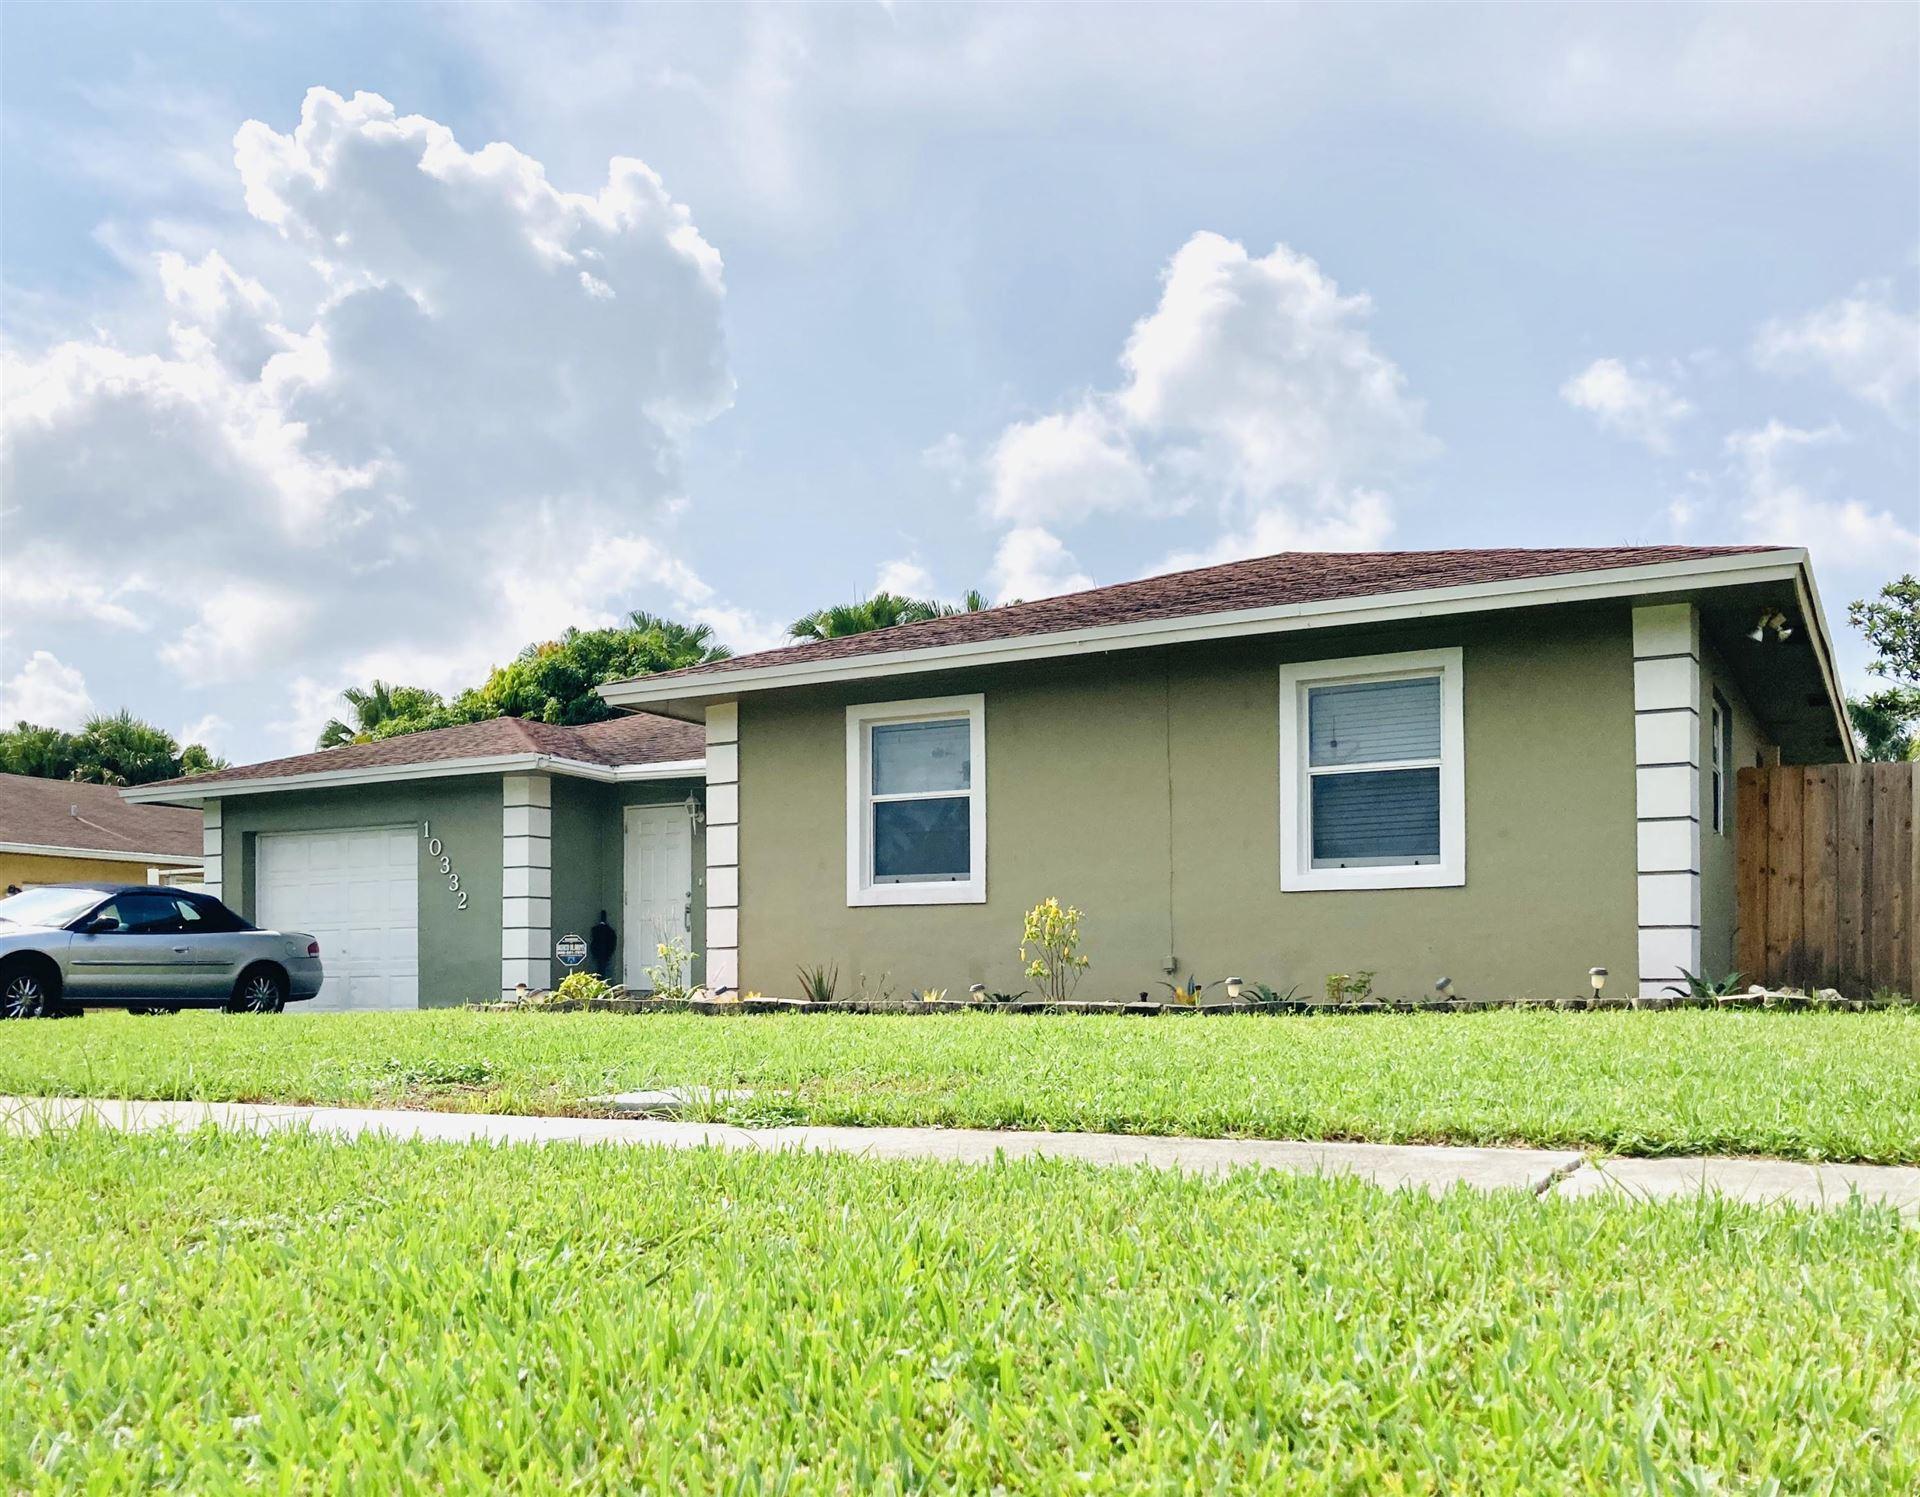 10332 Dorchester Drive, Boca Raton, FL 33428 - #: RX-10638074